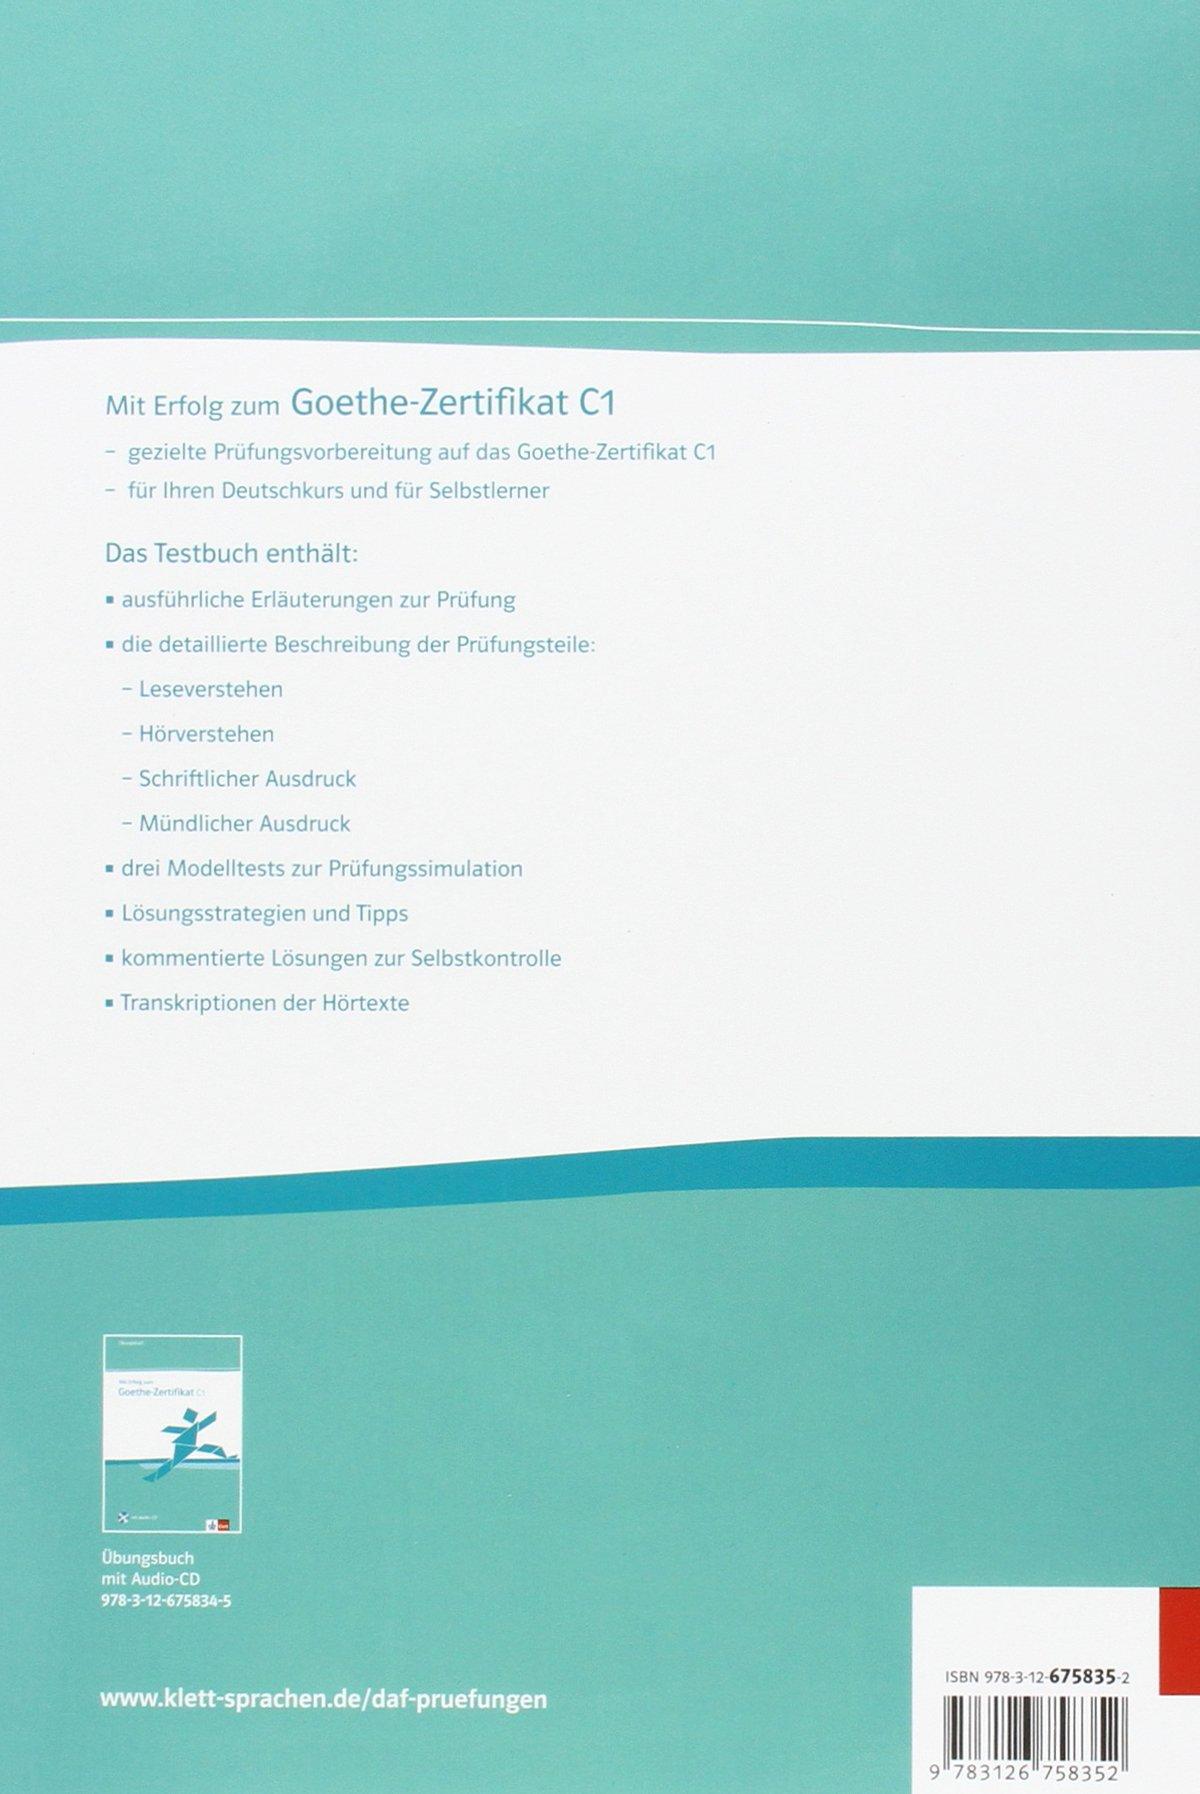 Mit Erfolg Zum Goethe Zertifikat Testbuch C1 German Edition